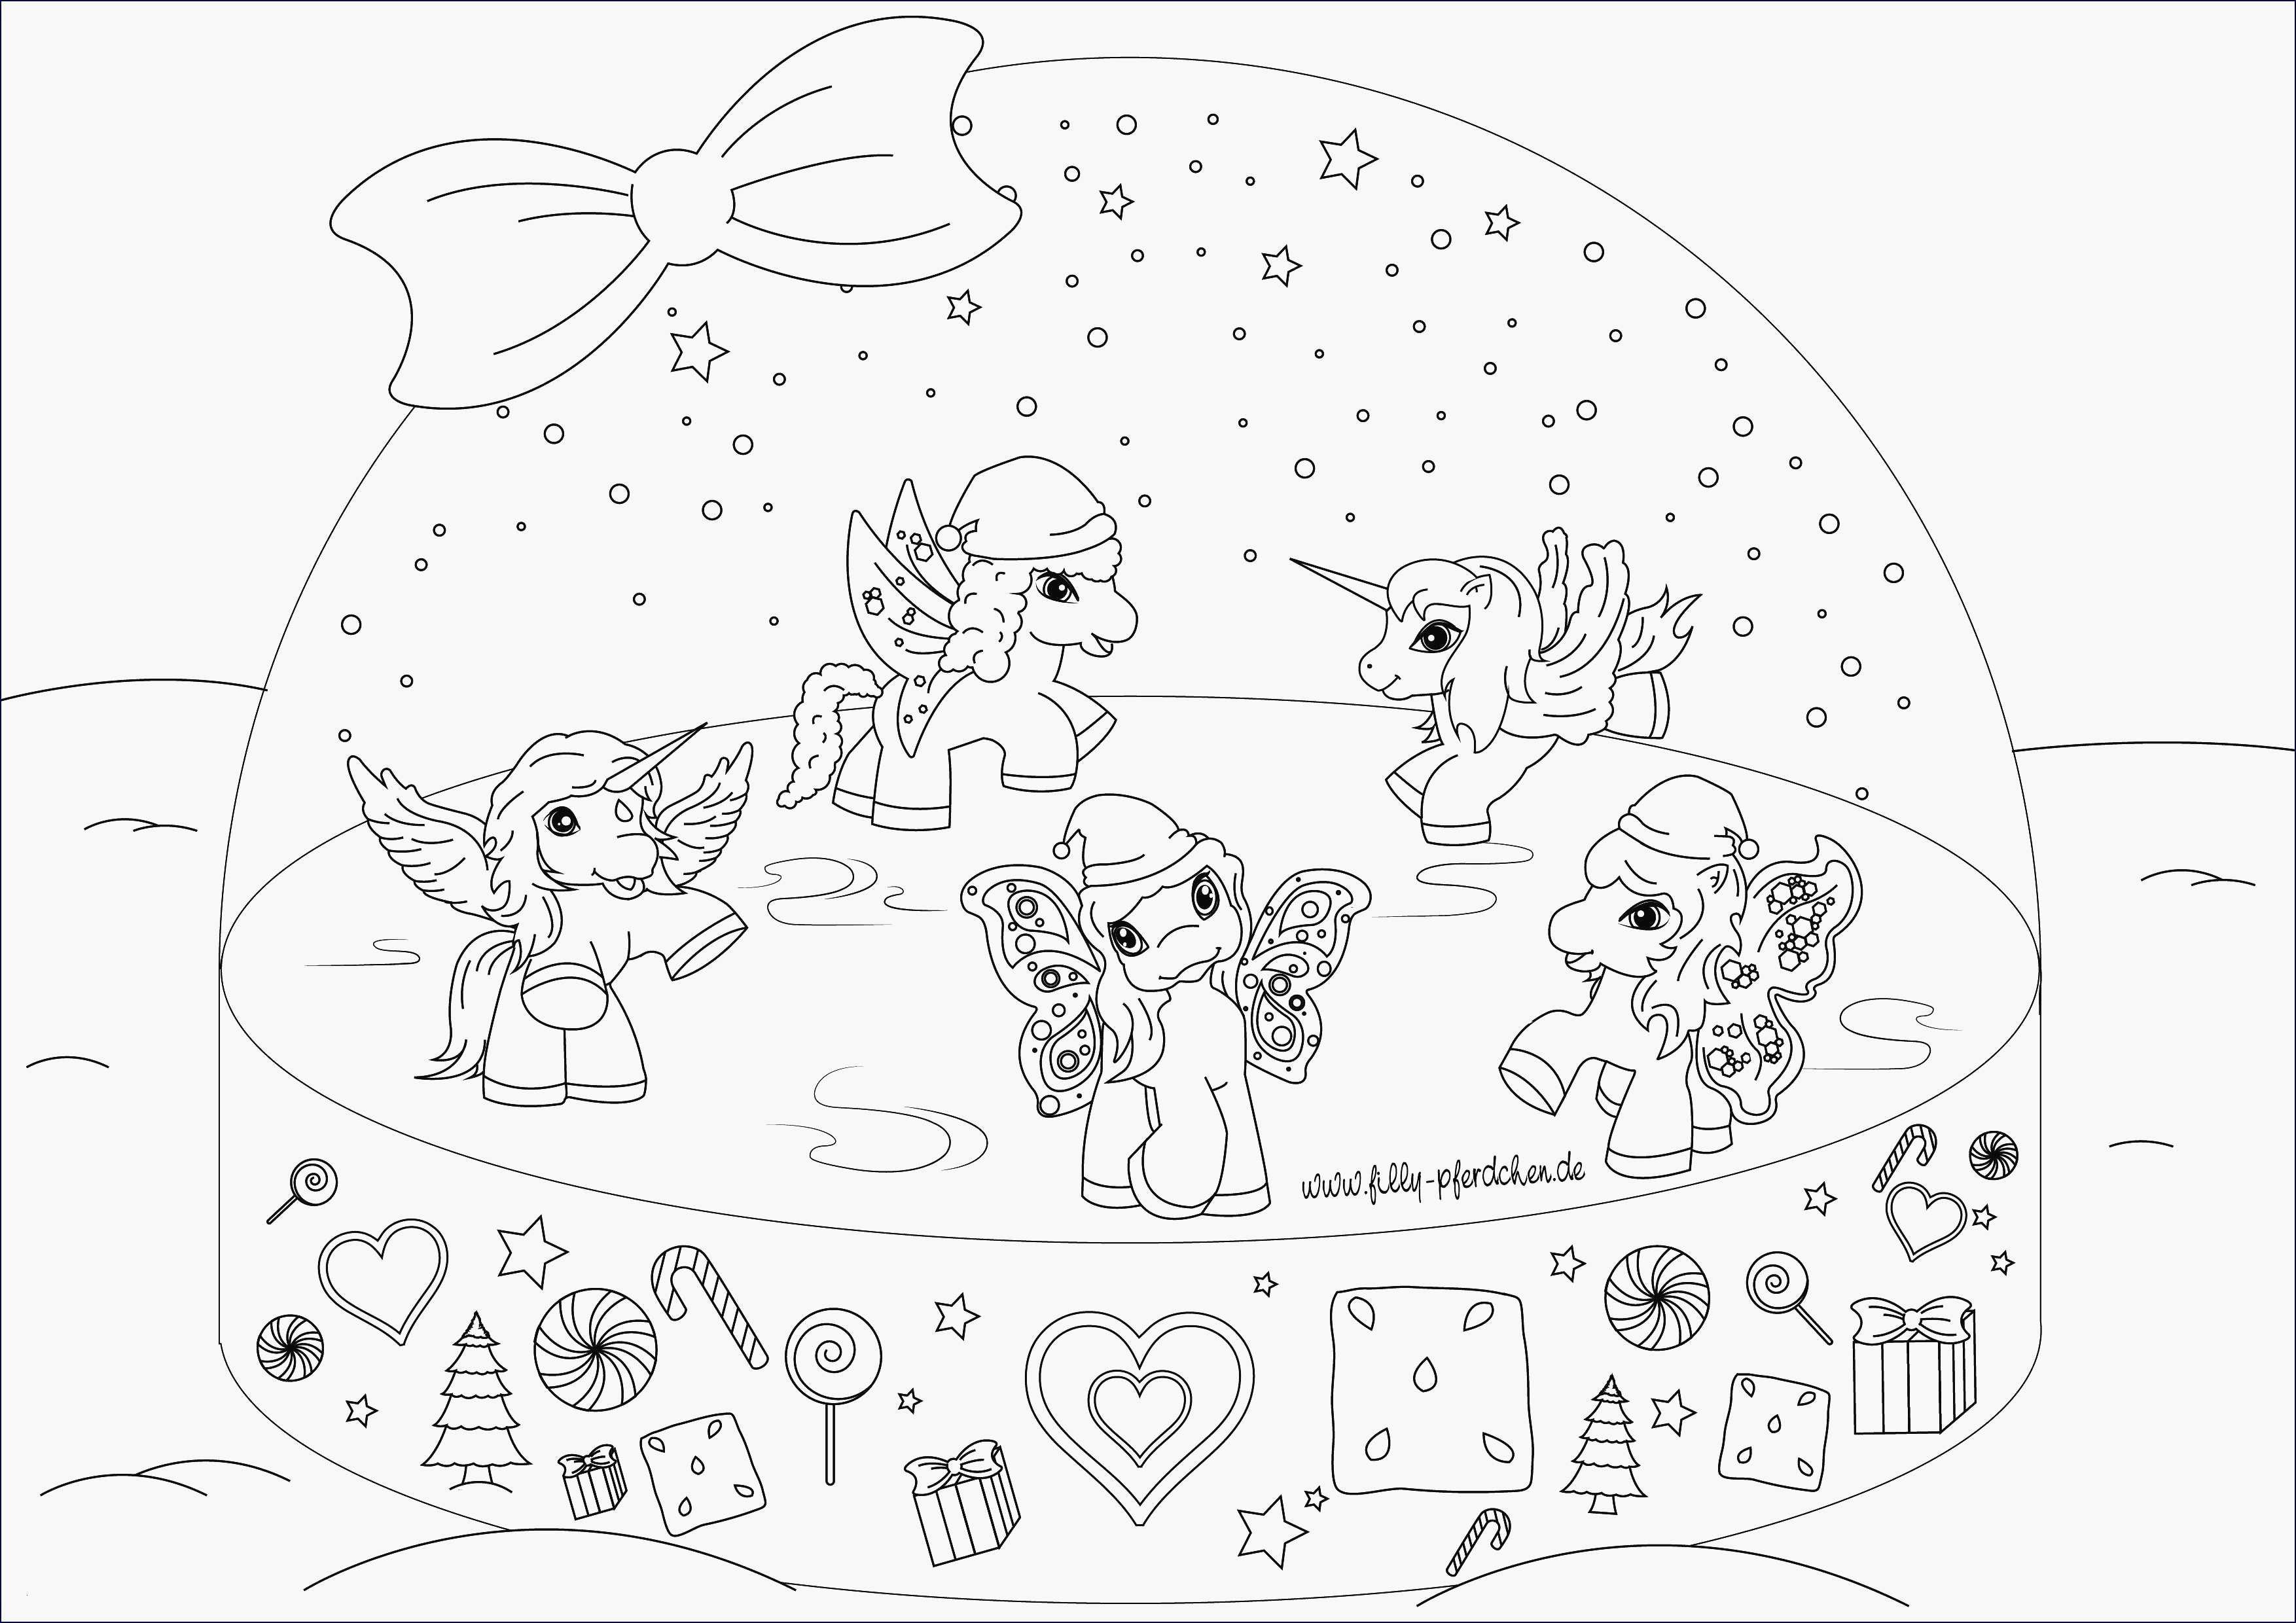 Neu Malvorlagen Yakari Gratis  Coloring pages, Birthday coloring